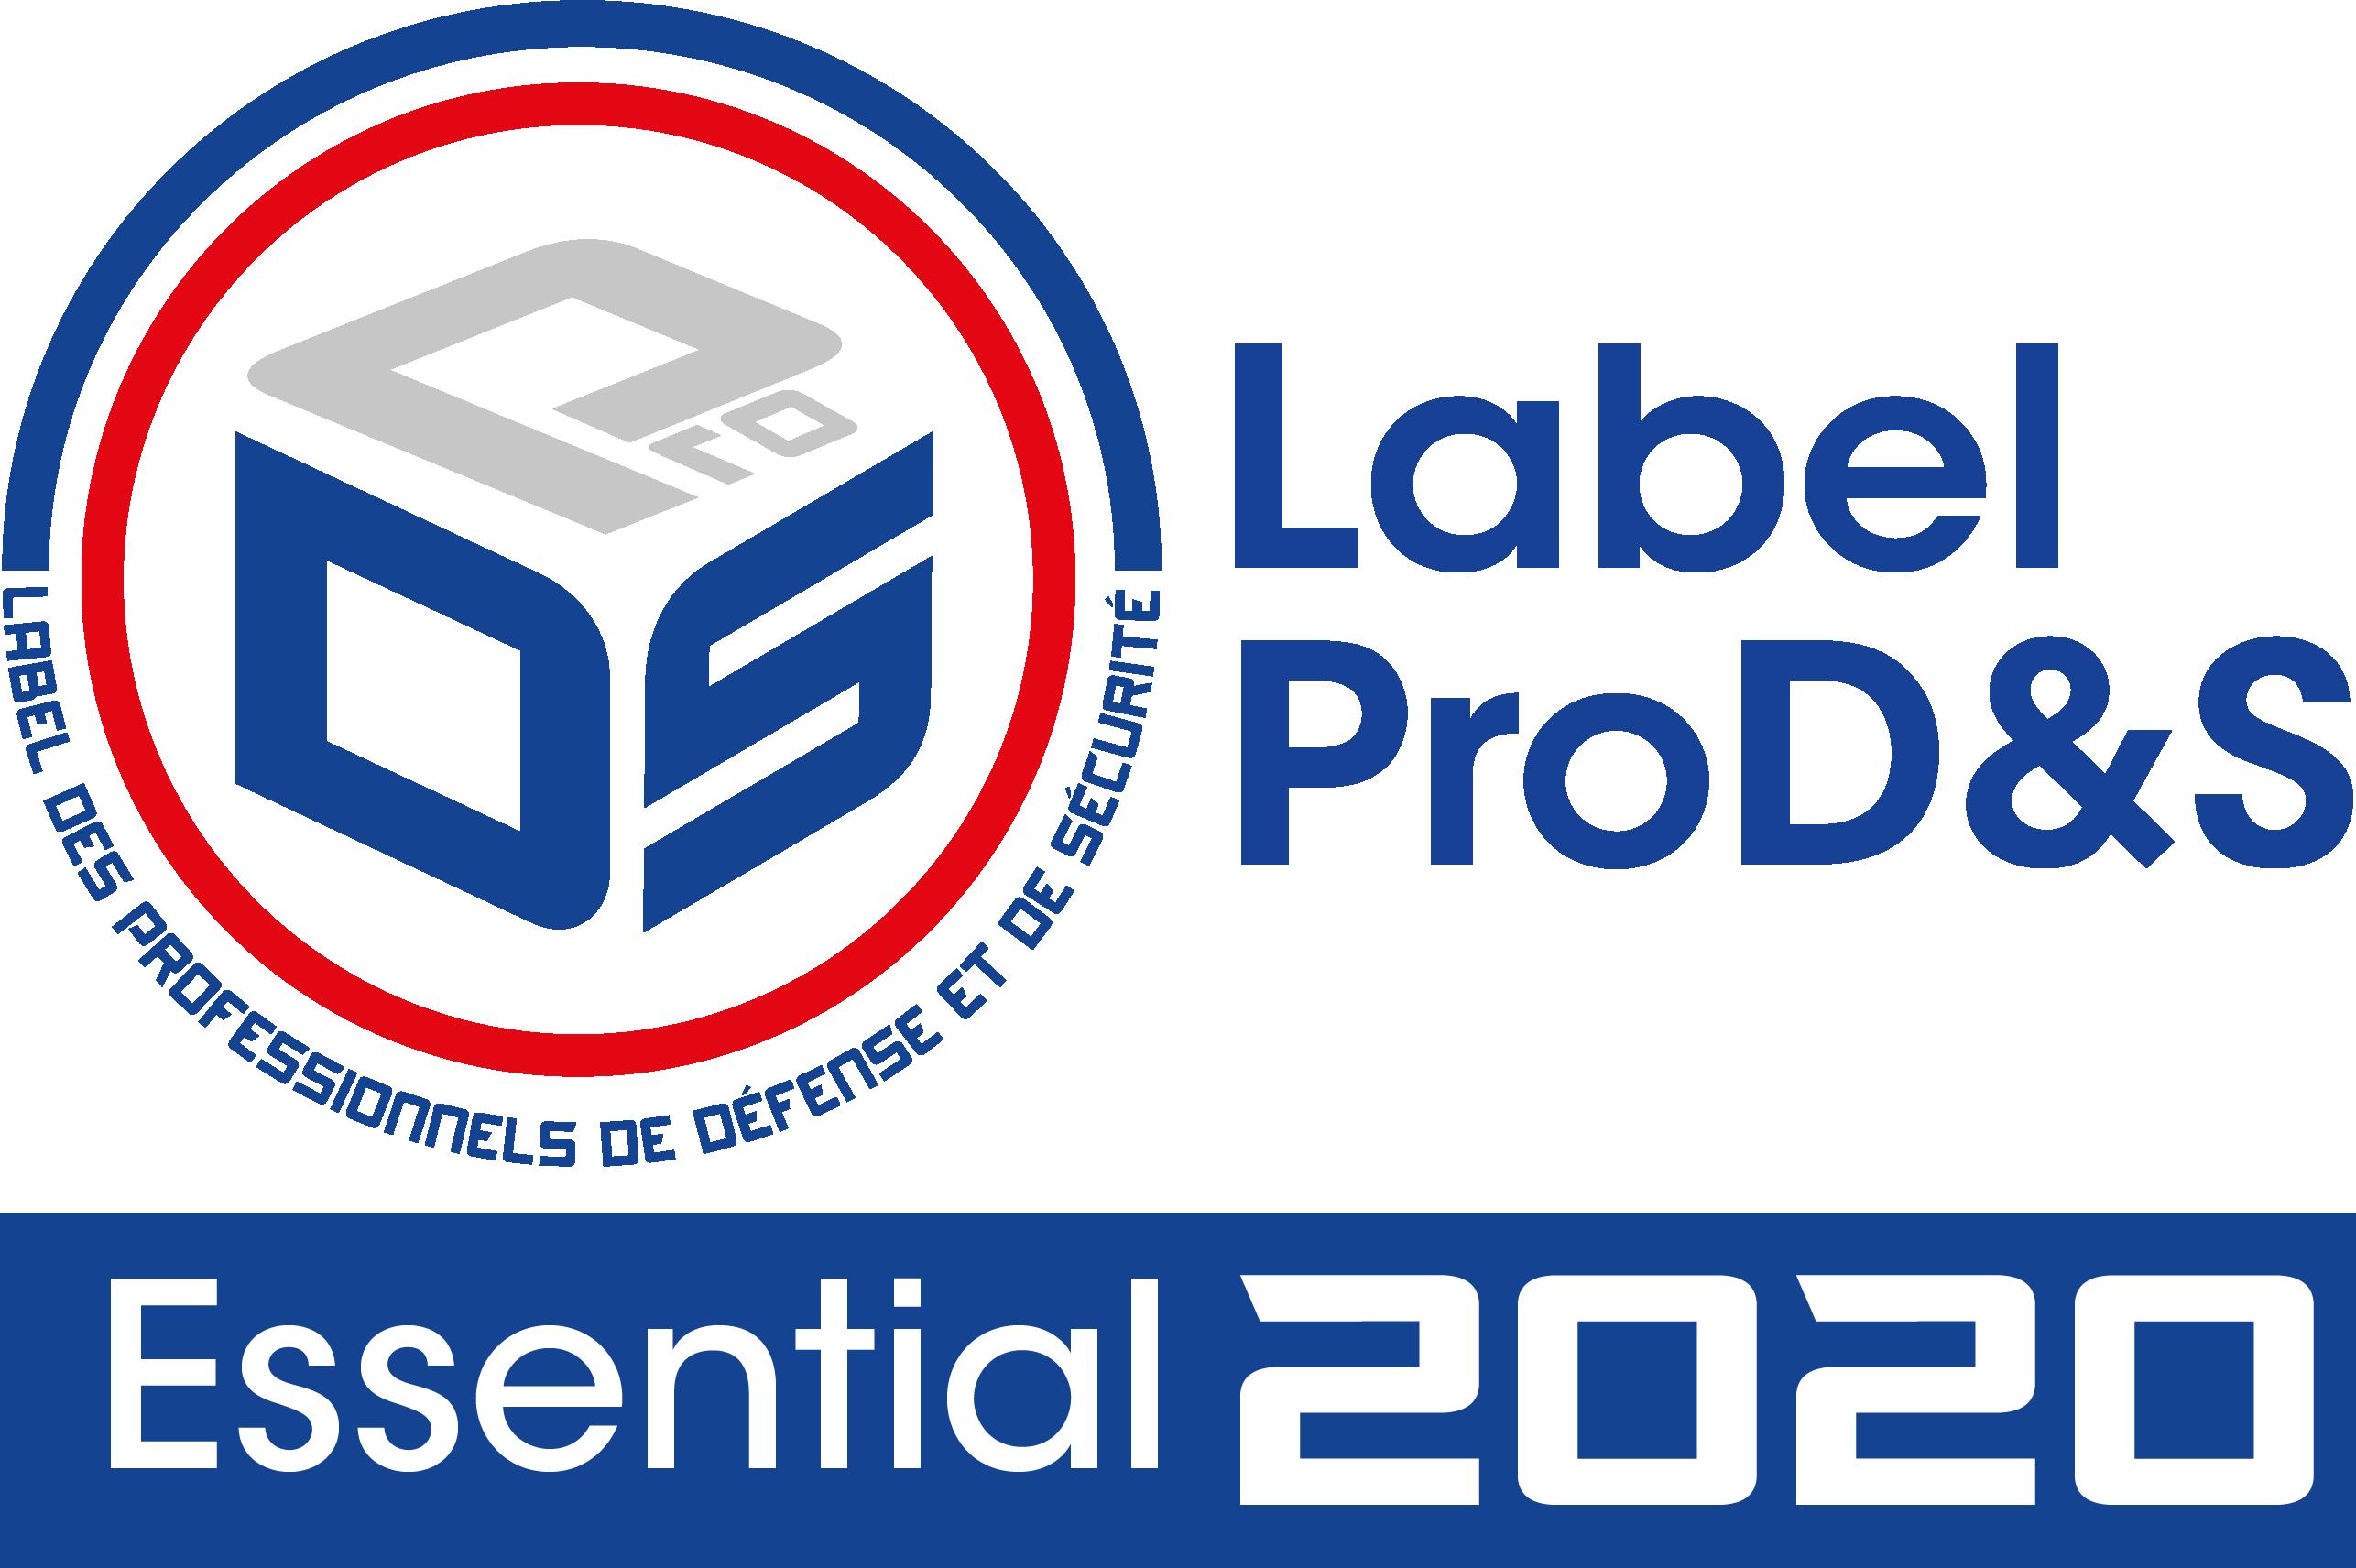 logo label essential 2020